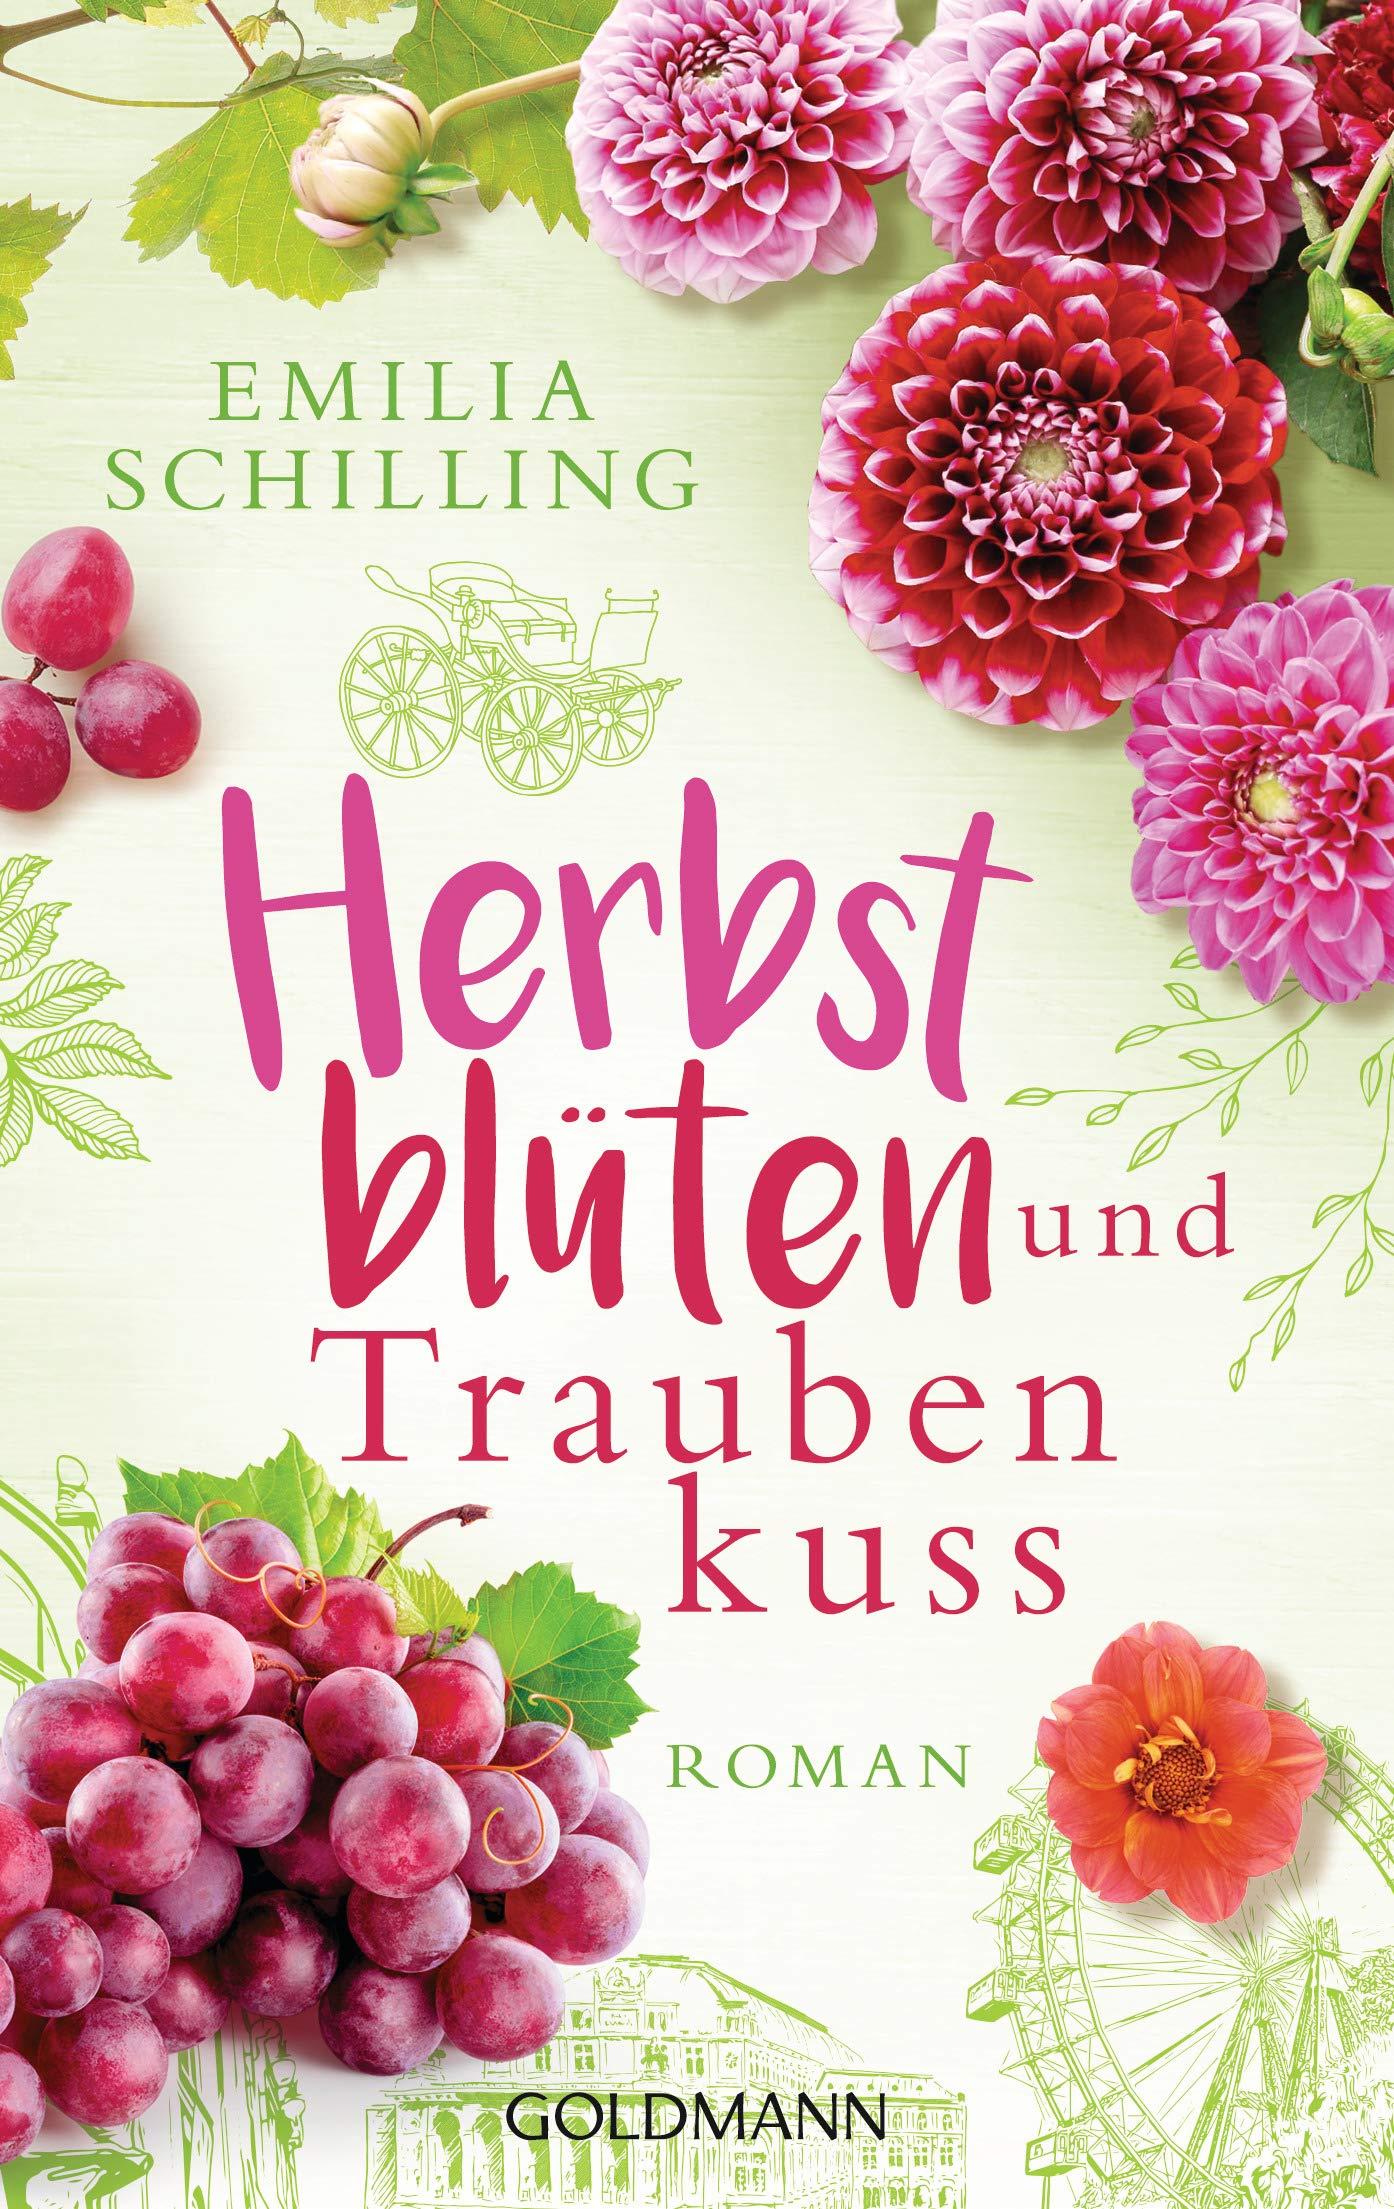 Herbstblüten und Traubenkuss: Roman Taschenbuch – 19. August 2019 Emilia Schilling Goldmann Verlag 3442489245 2010 bis 2019 n. Chr.